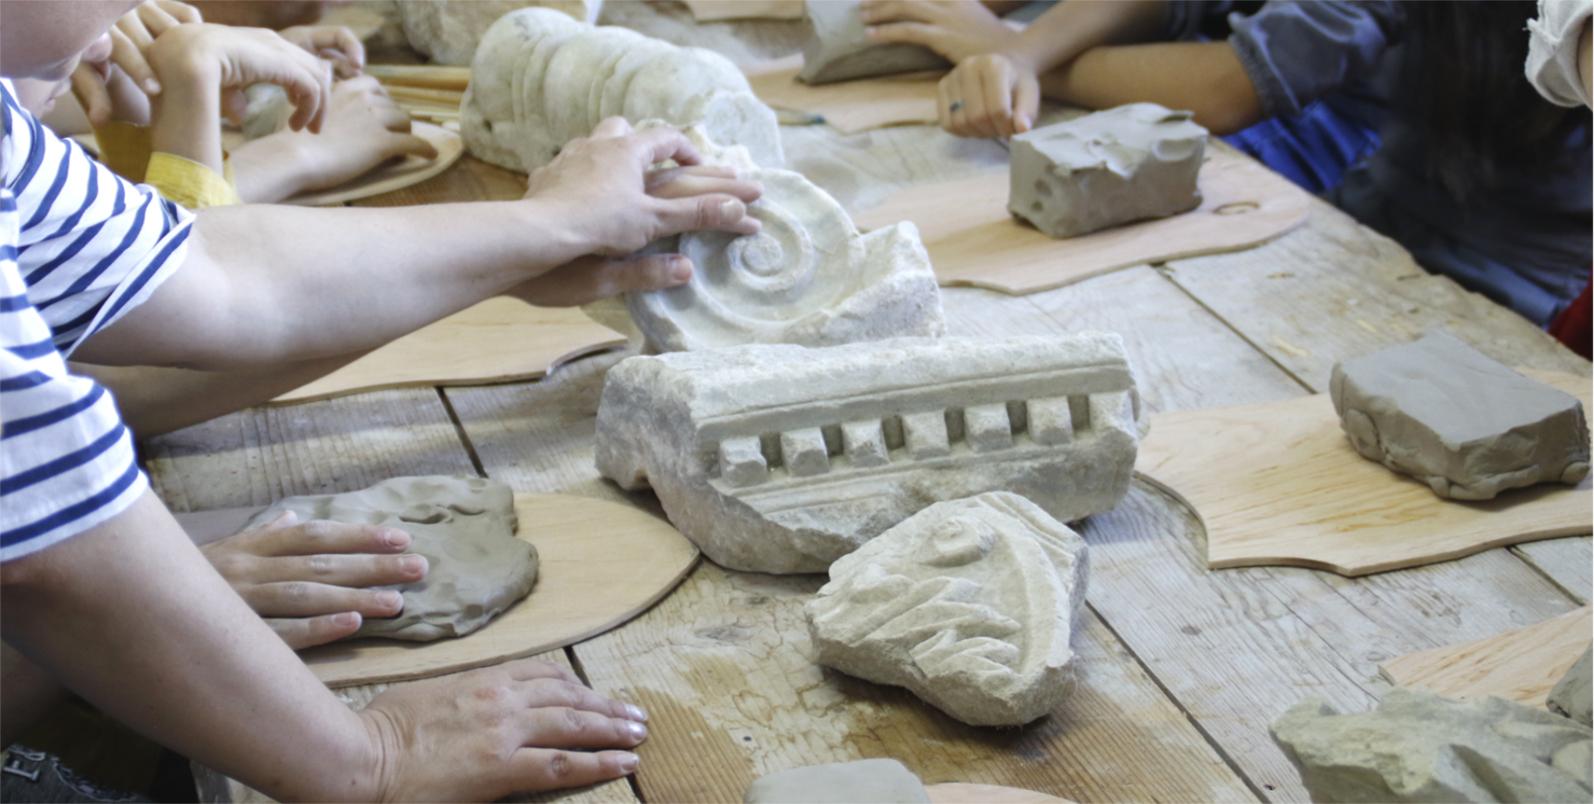 Fotografie cu mainile unor copii care stau în jurul unei mese și studiază istoria într-o manieră tactilă: pipăind și atingând obiecte din lut și din piatră